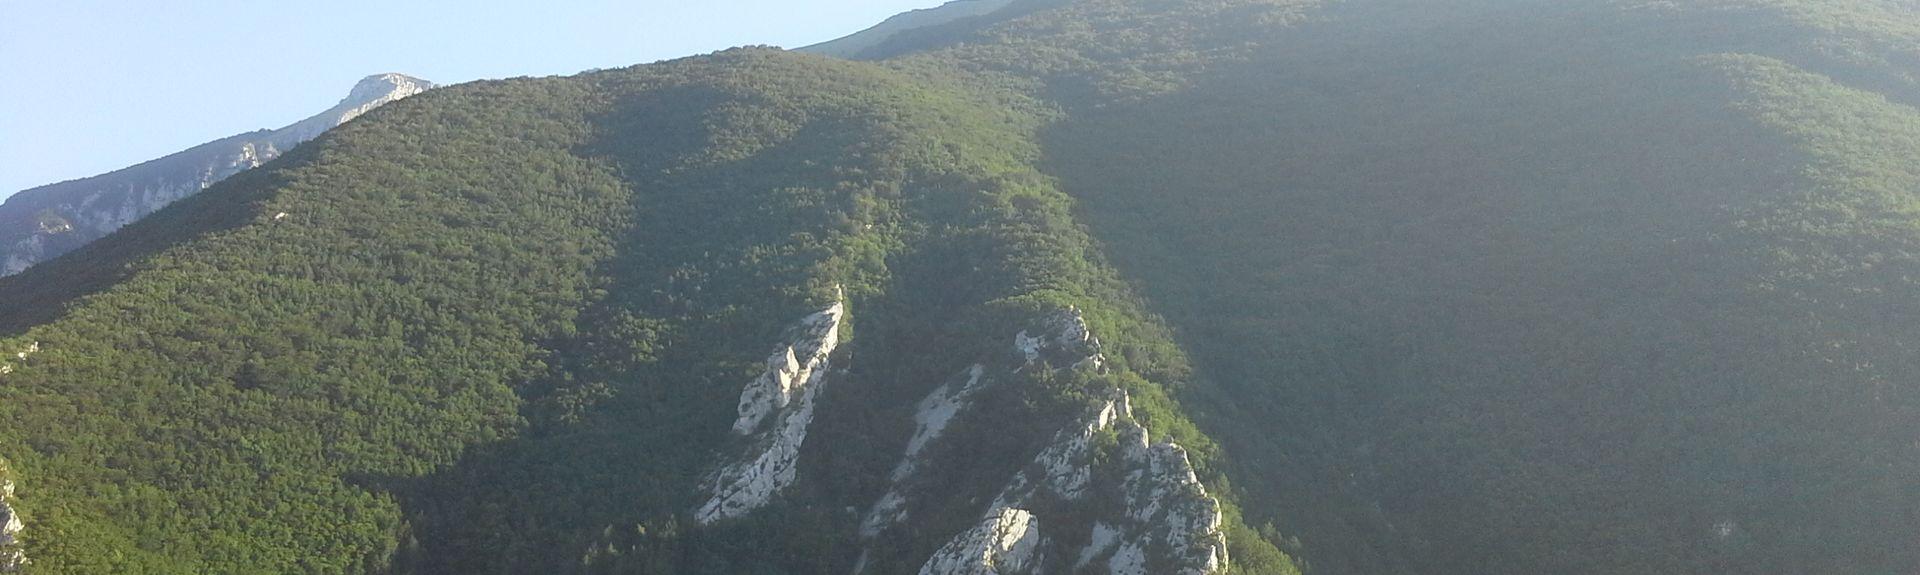 San Liberatore a Maiella, Abruzzo, Italy